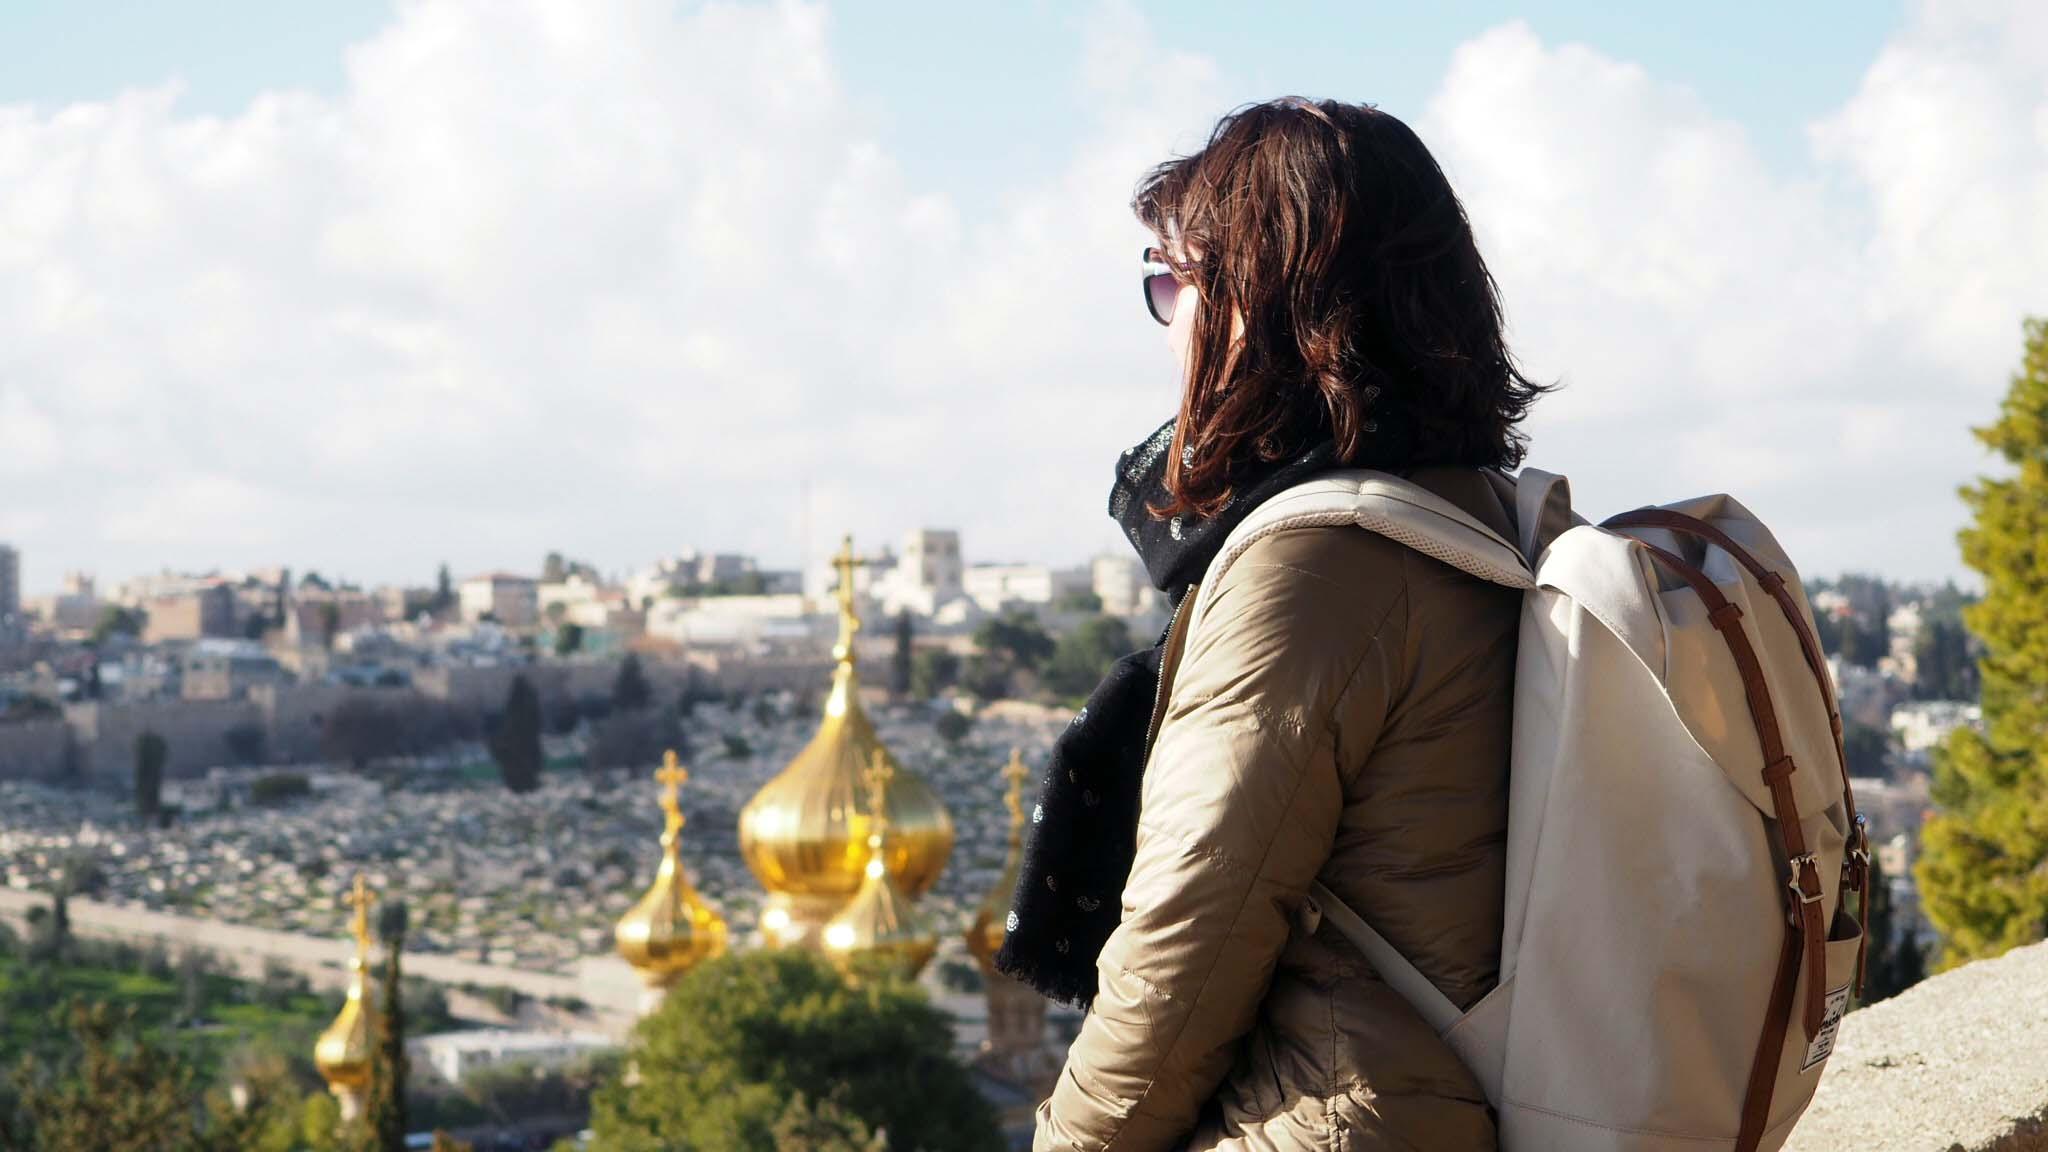 Vue sur Jérusalem - Israël